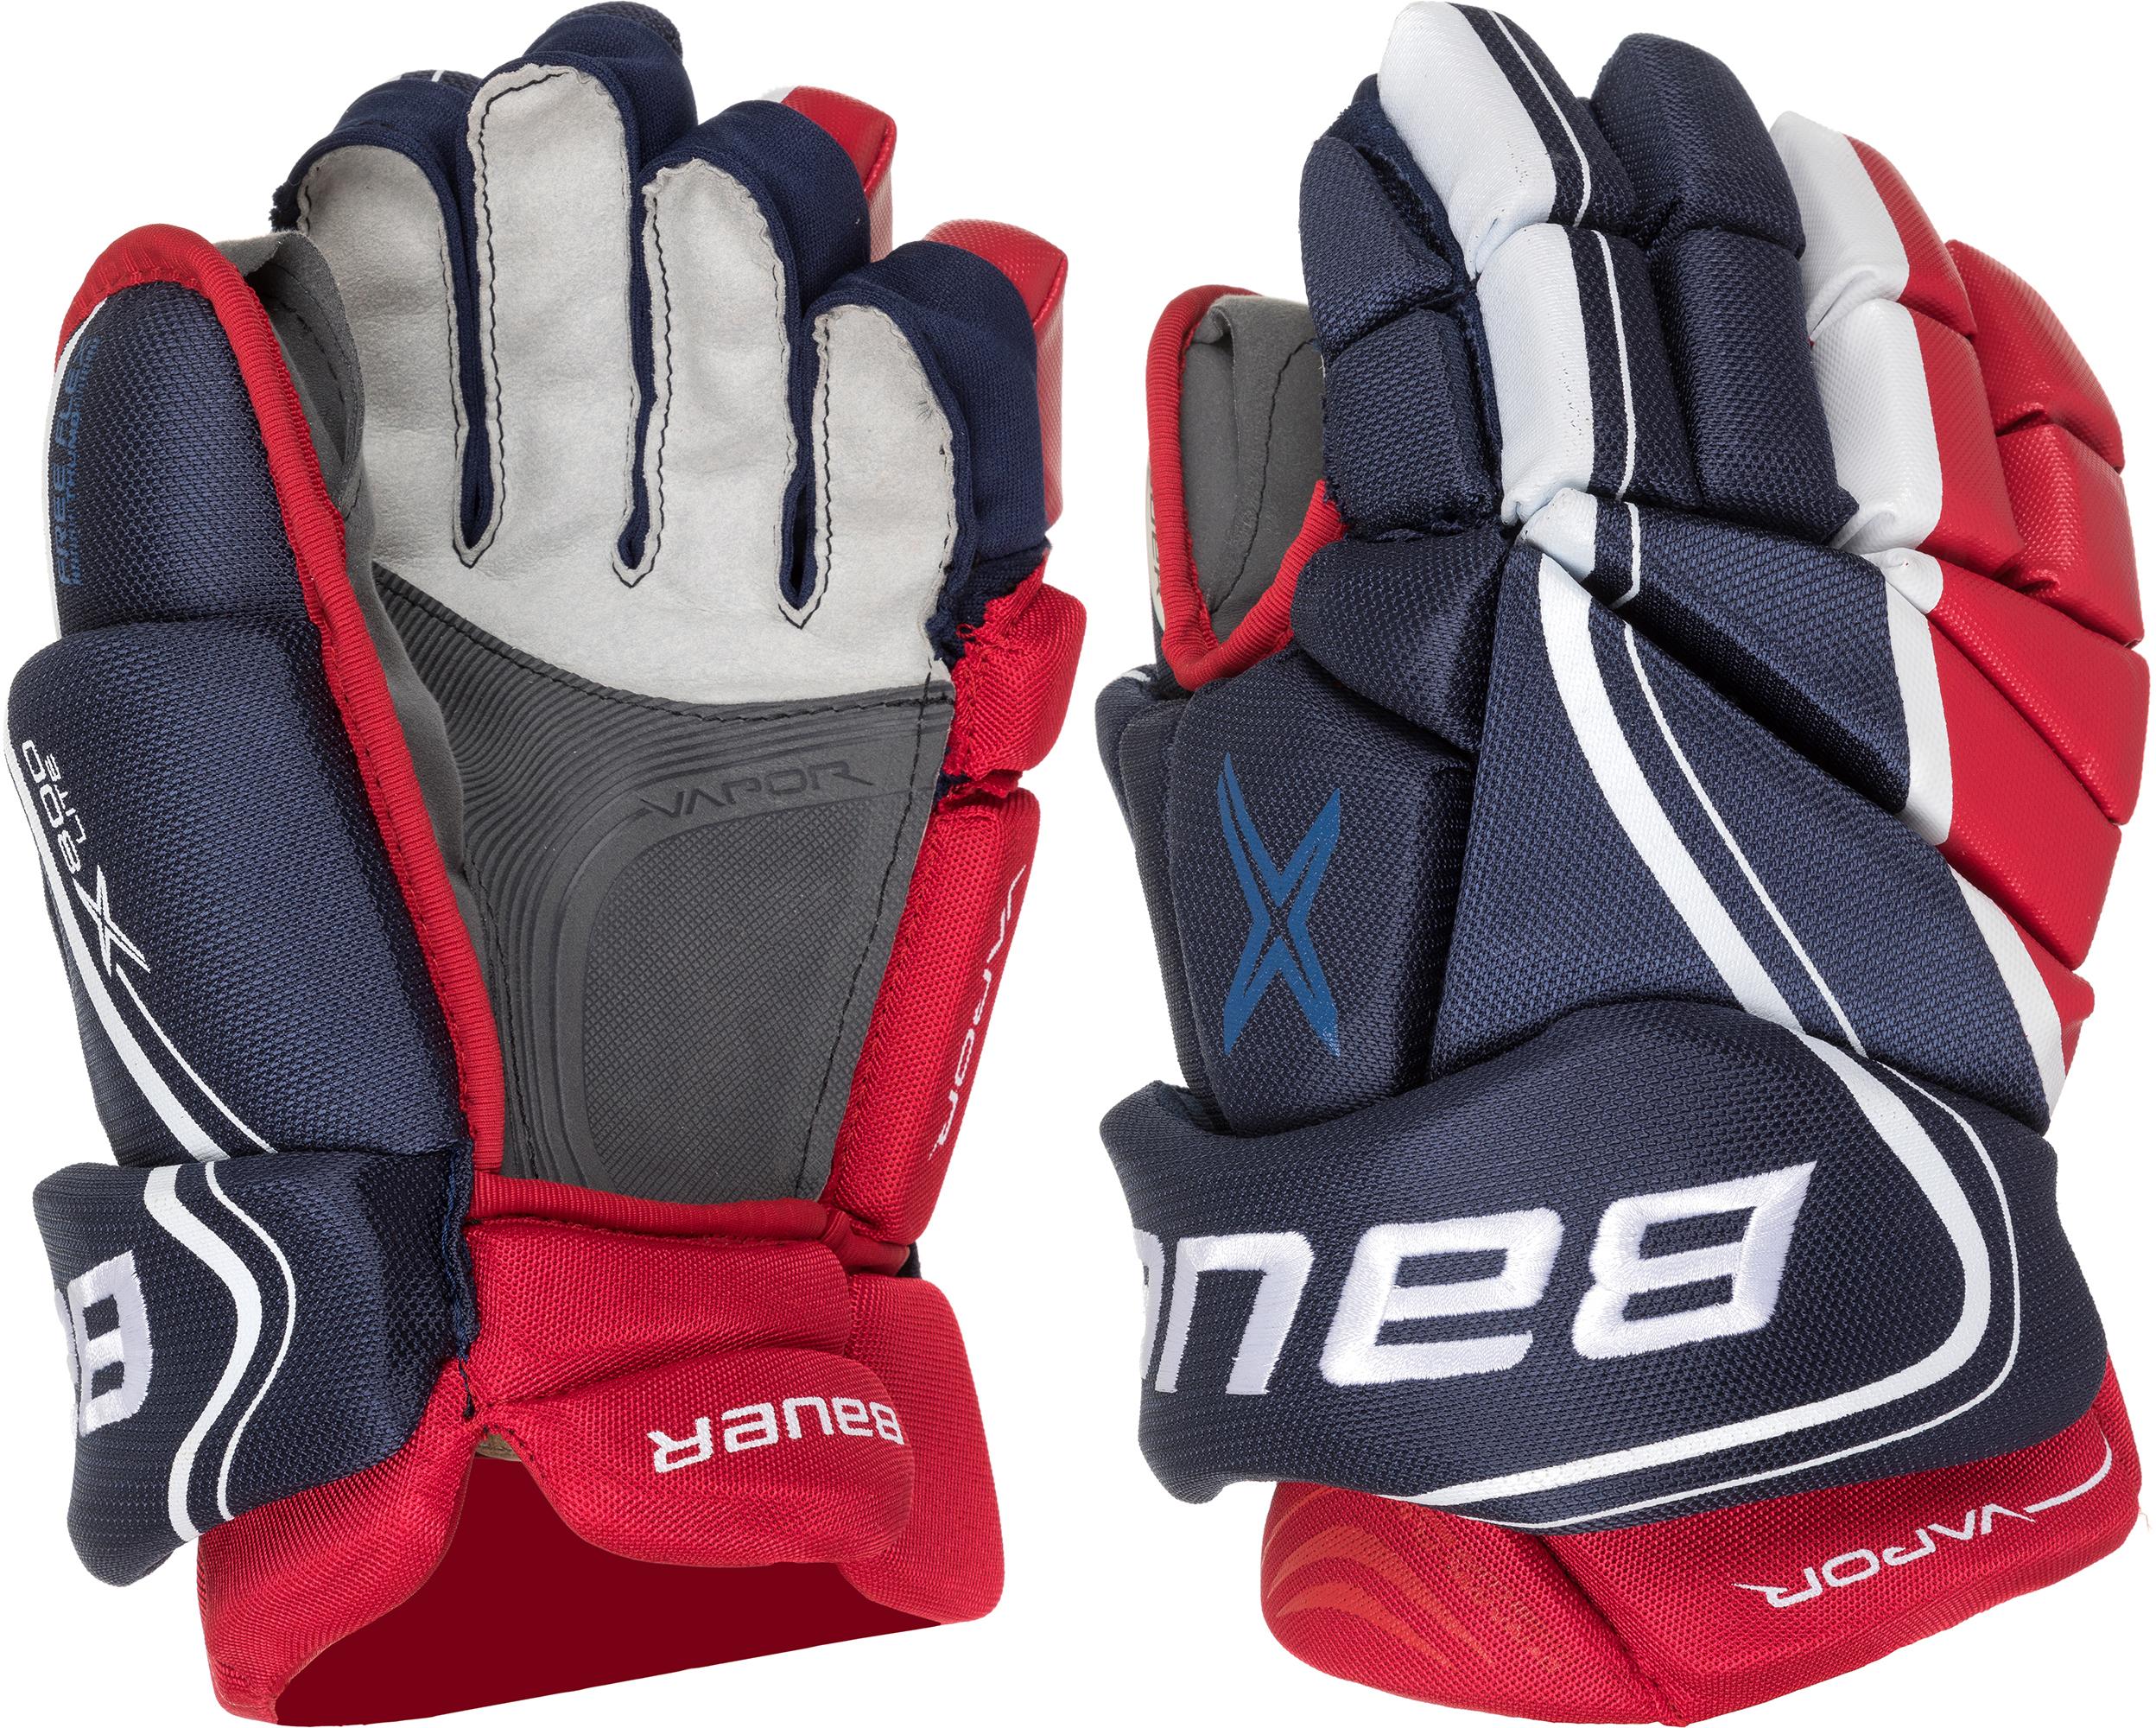 Bauer Перчатки хоккейные подростковые BAUER S18 VAPOR X800 LITE